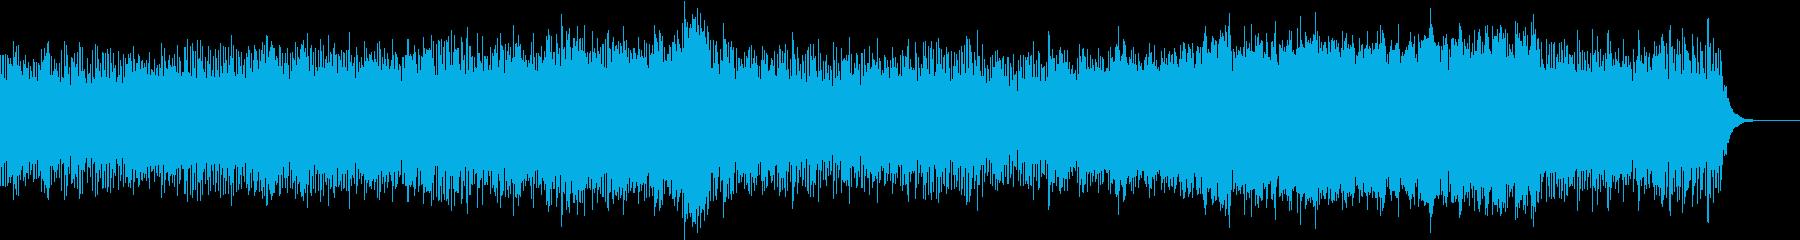 冬に似合う暖かなオルゴール調の音楽の再生済みの波形